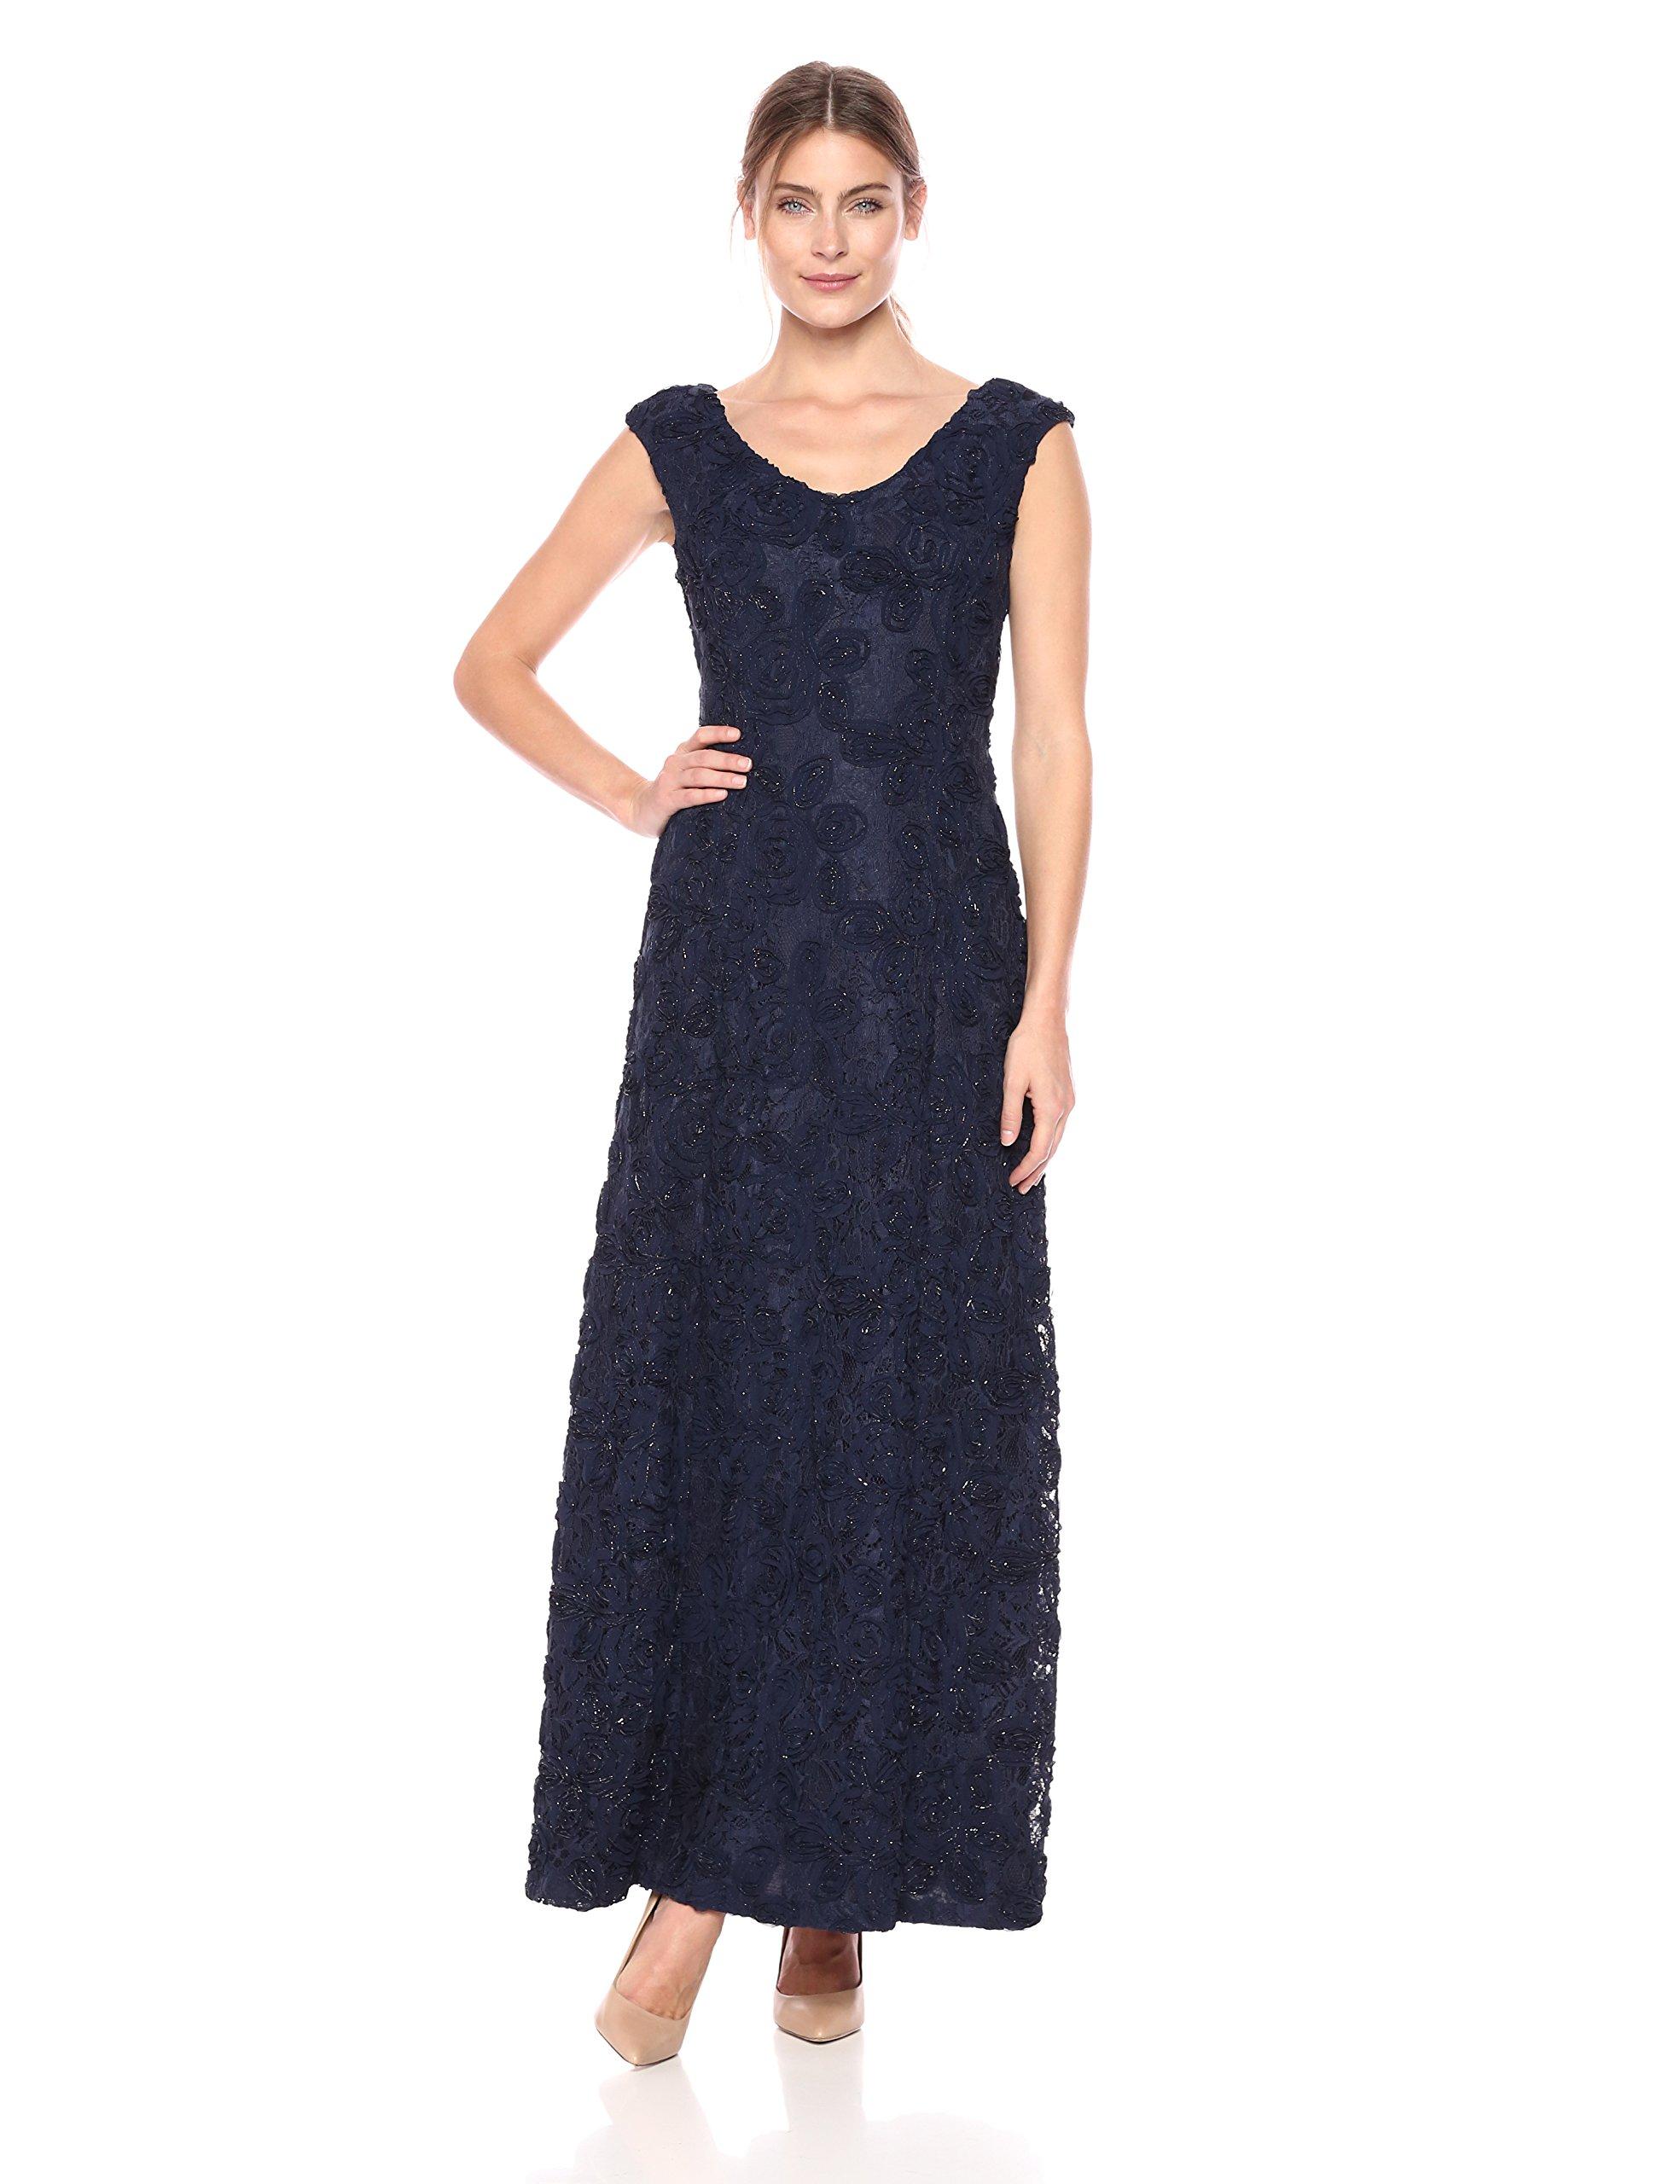 Alex Evenings Women's 14 Long A-Line Rosette Dress with Short Sleeves Sequin Detail, Navy Cap, 14